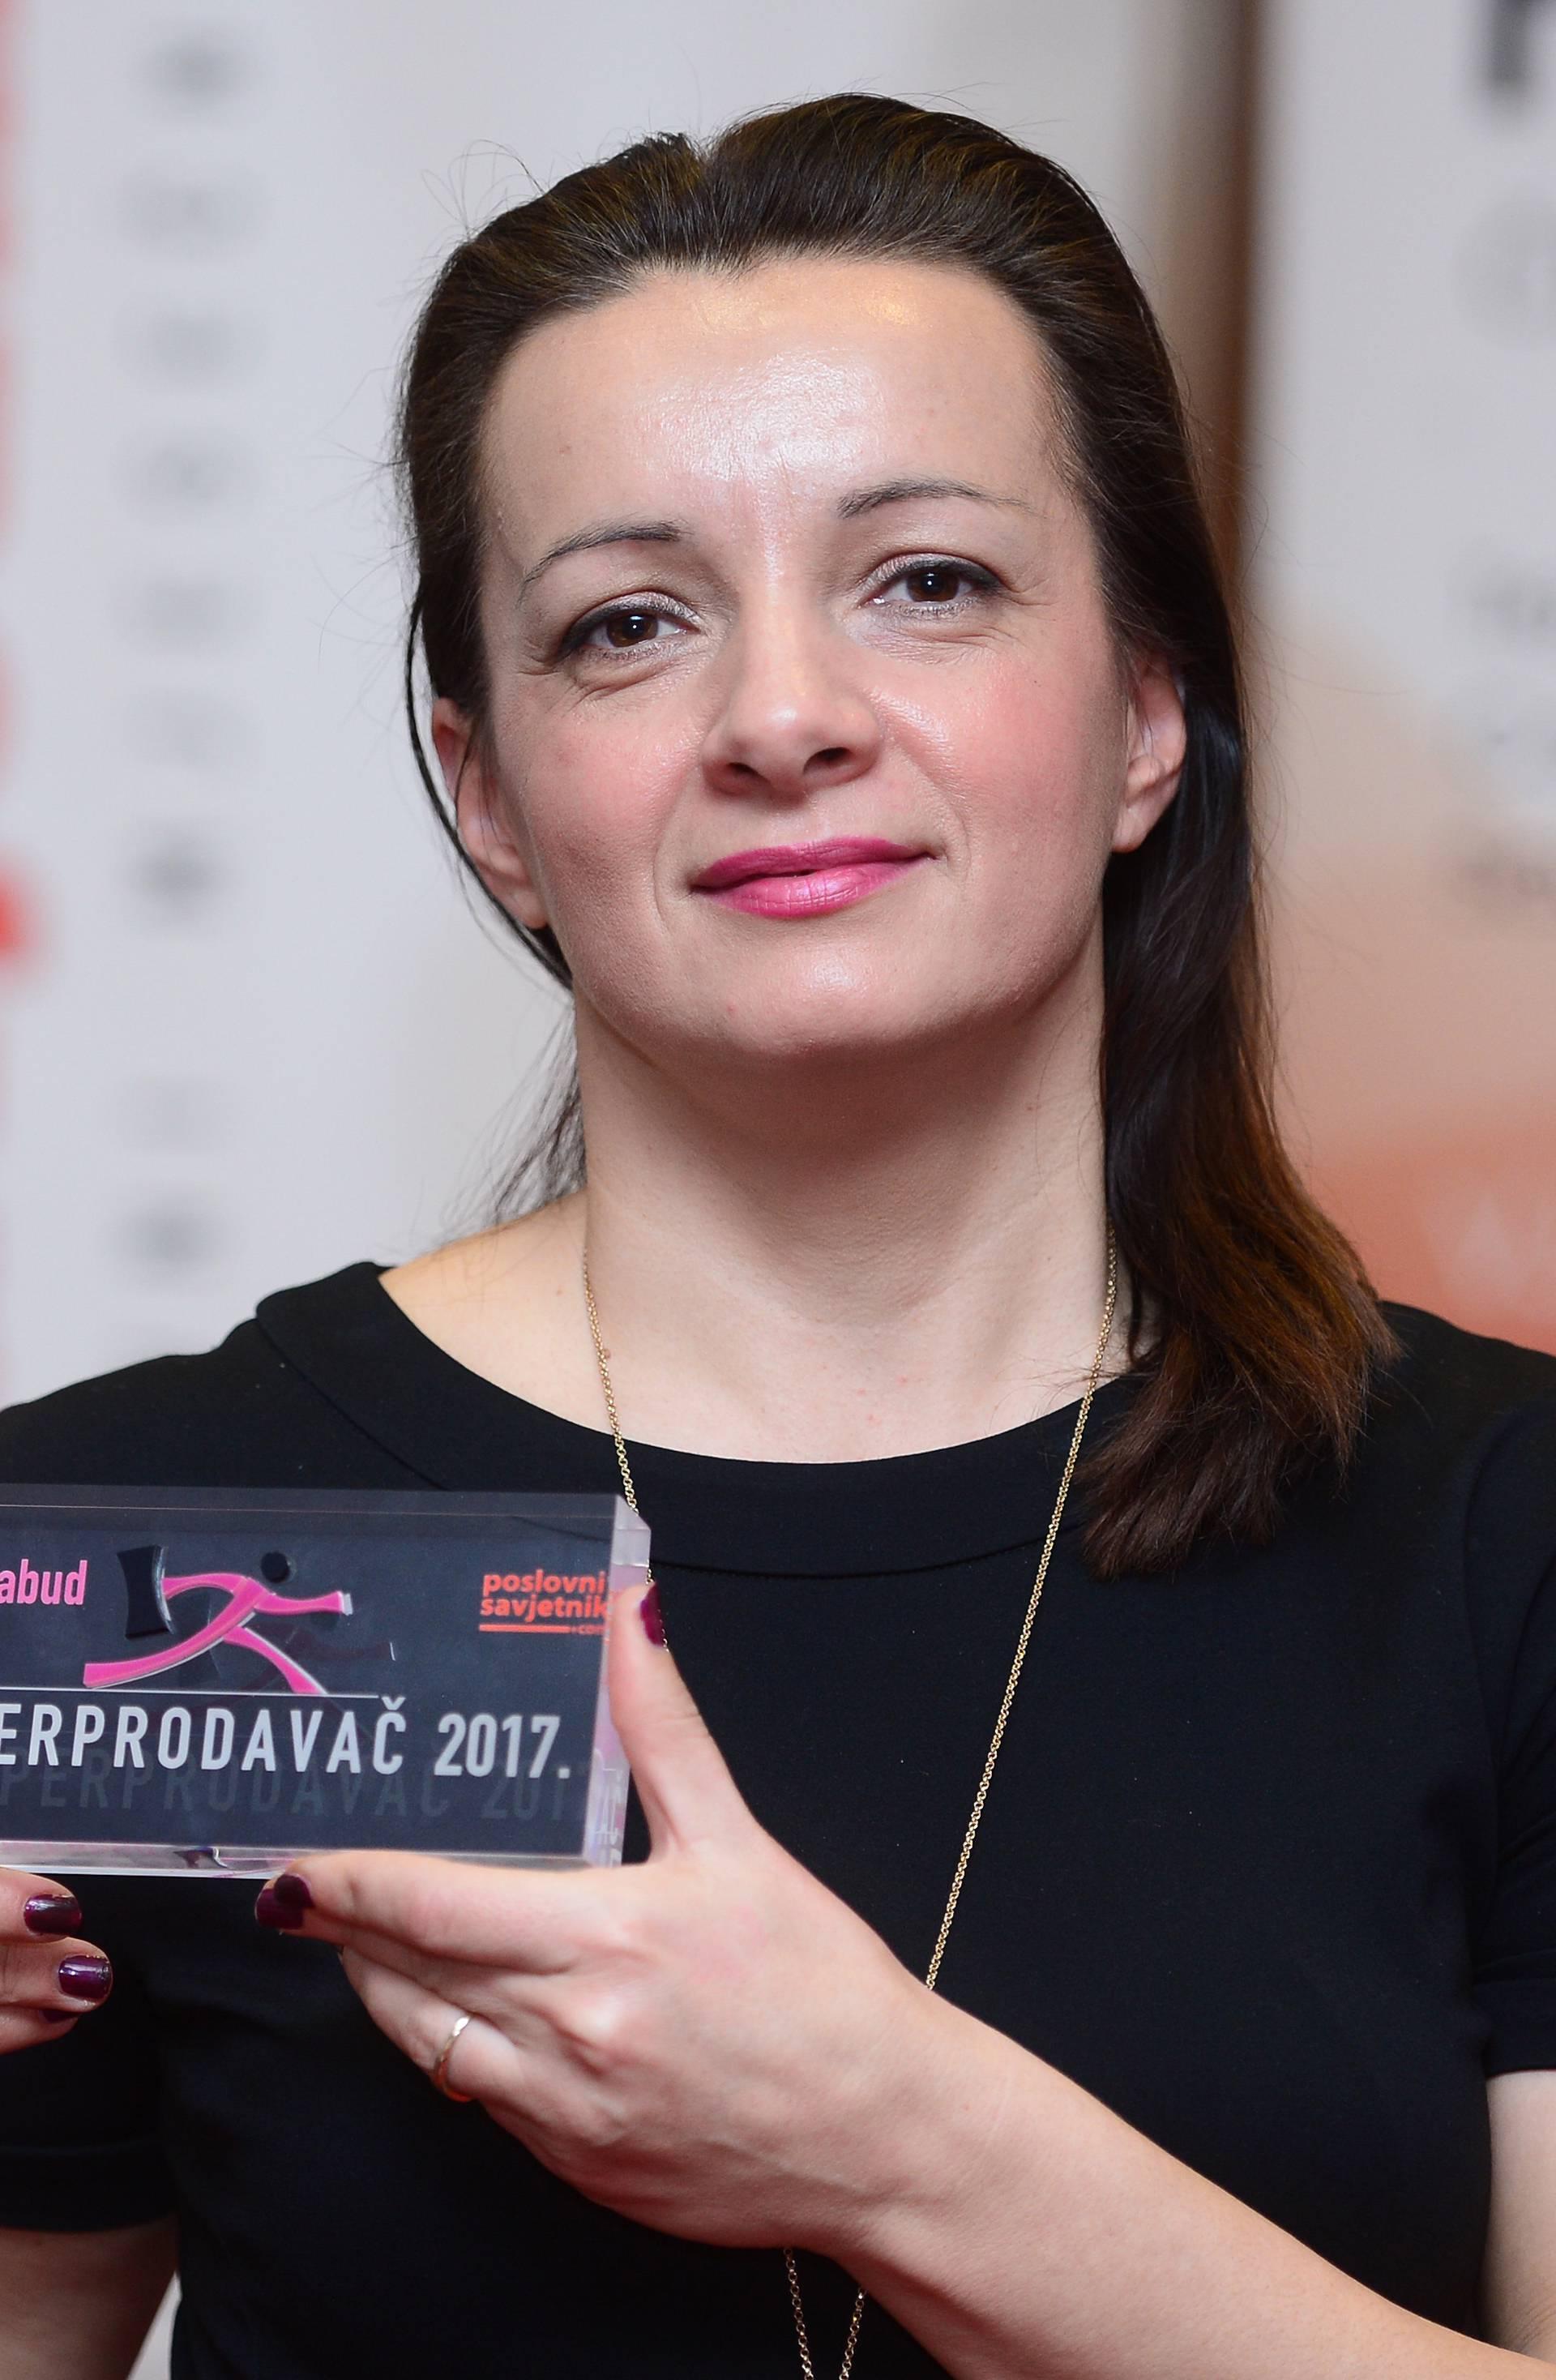 Domijana Labud iz Pixsella je Superprodavačica 2017. godine